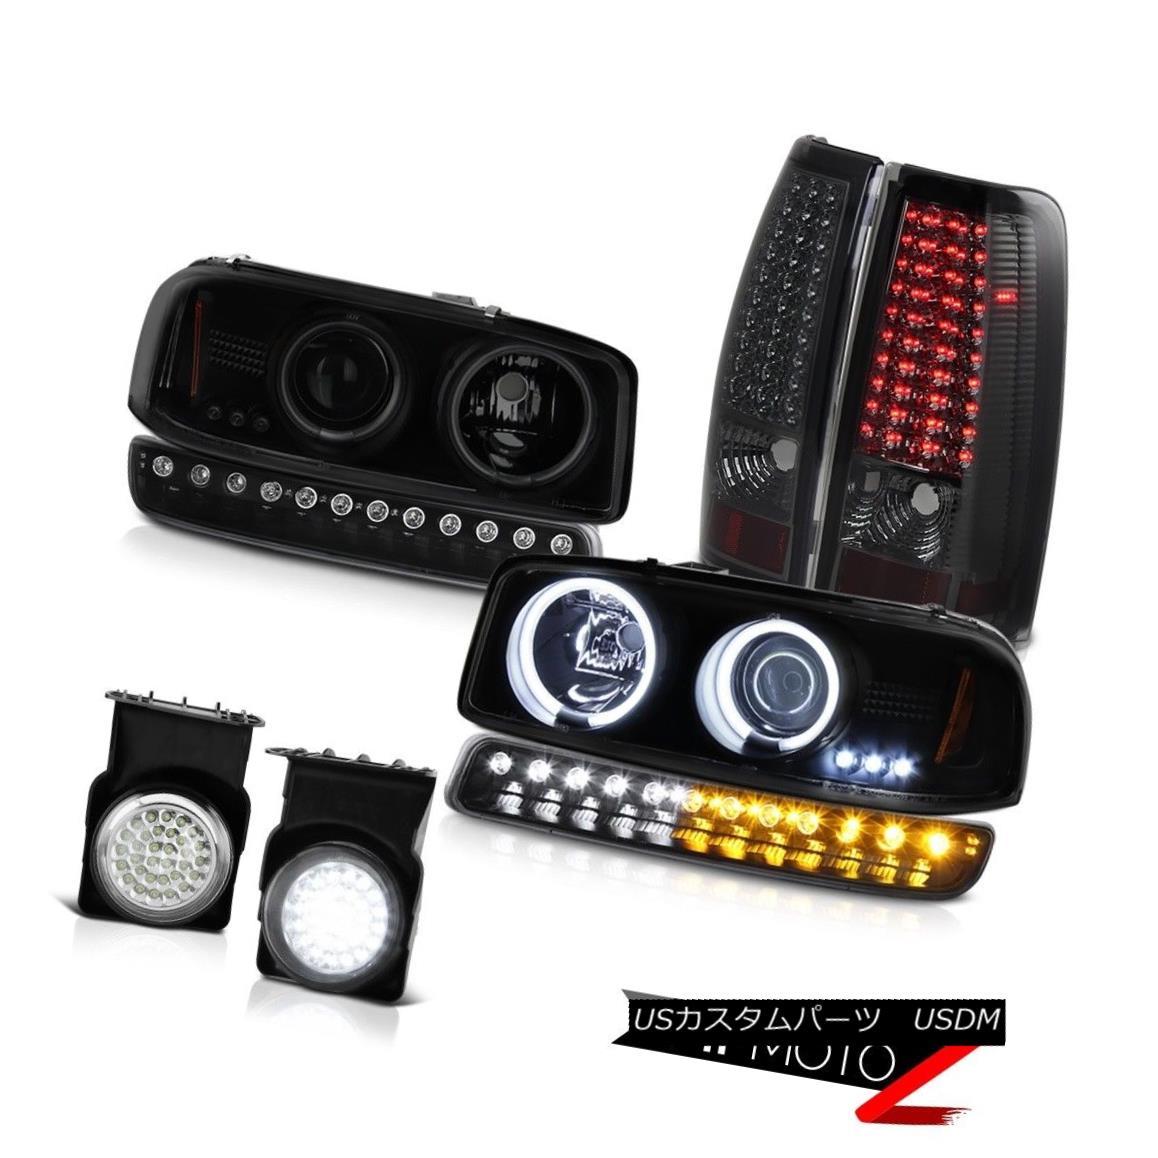 テールライト 03 04 05 06 Sierra 3500HD Foglights tail lamps signal light ccfl headlights LED 03 04 05 06シエラ3500HDフォグライトテールランプ信号光ccflヘッドライトLED:WORLD倉庫 店